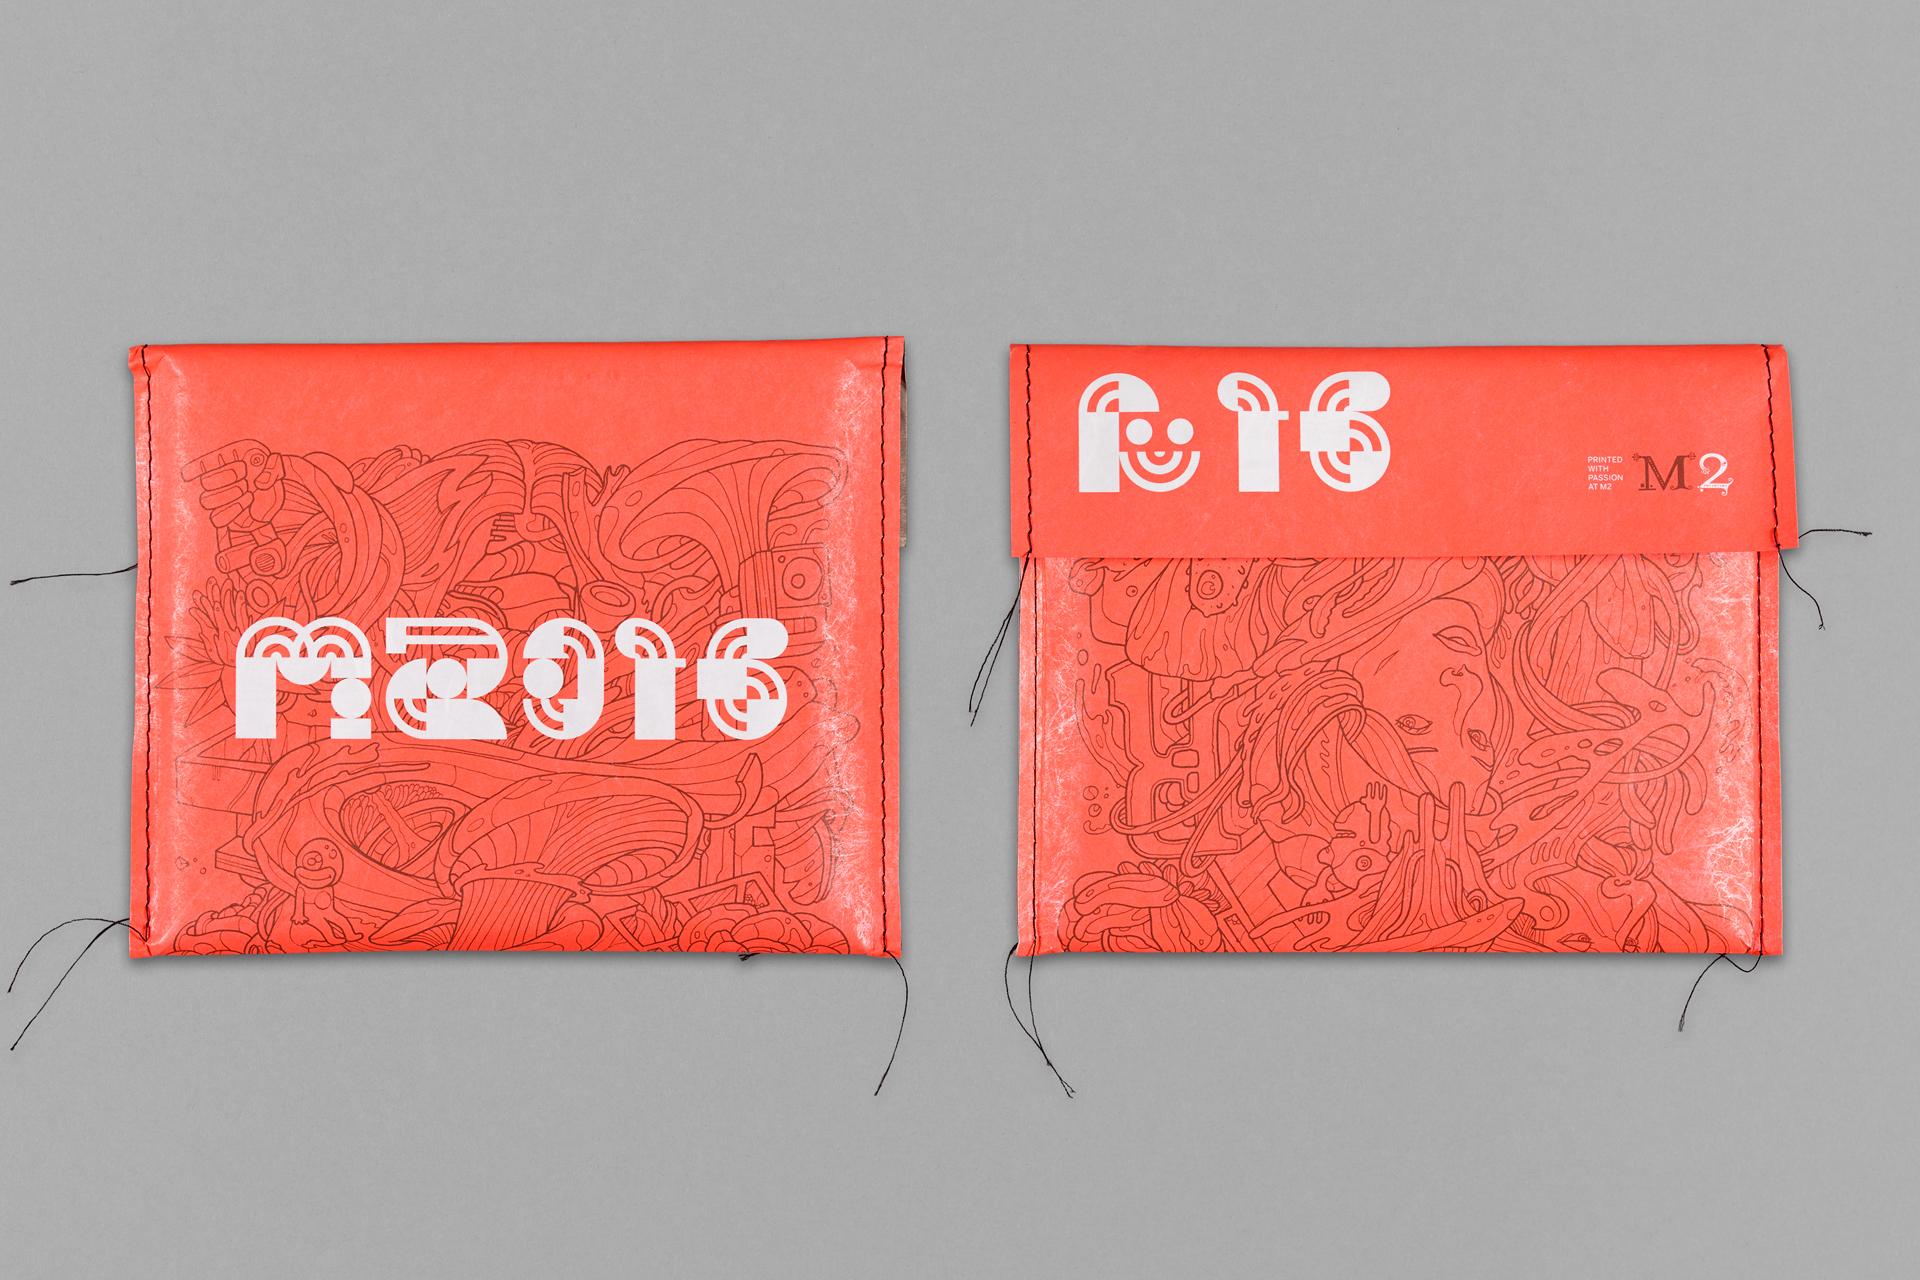 2016CalendárioM2_1.jpg